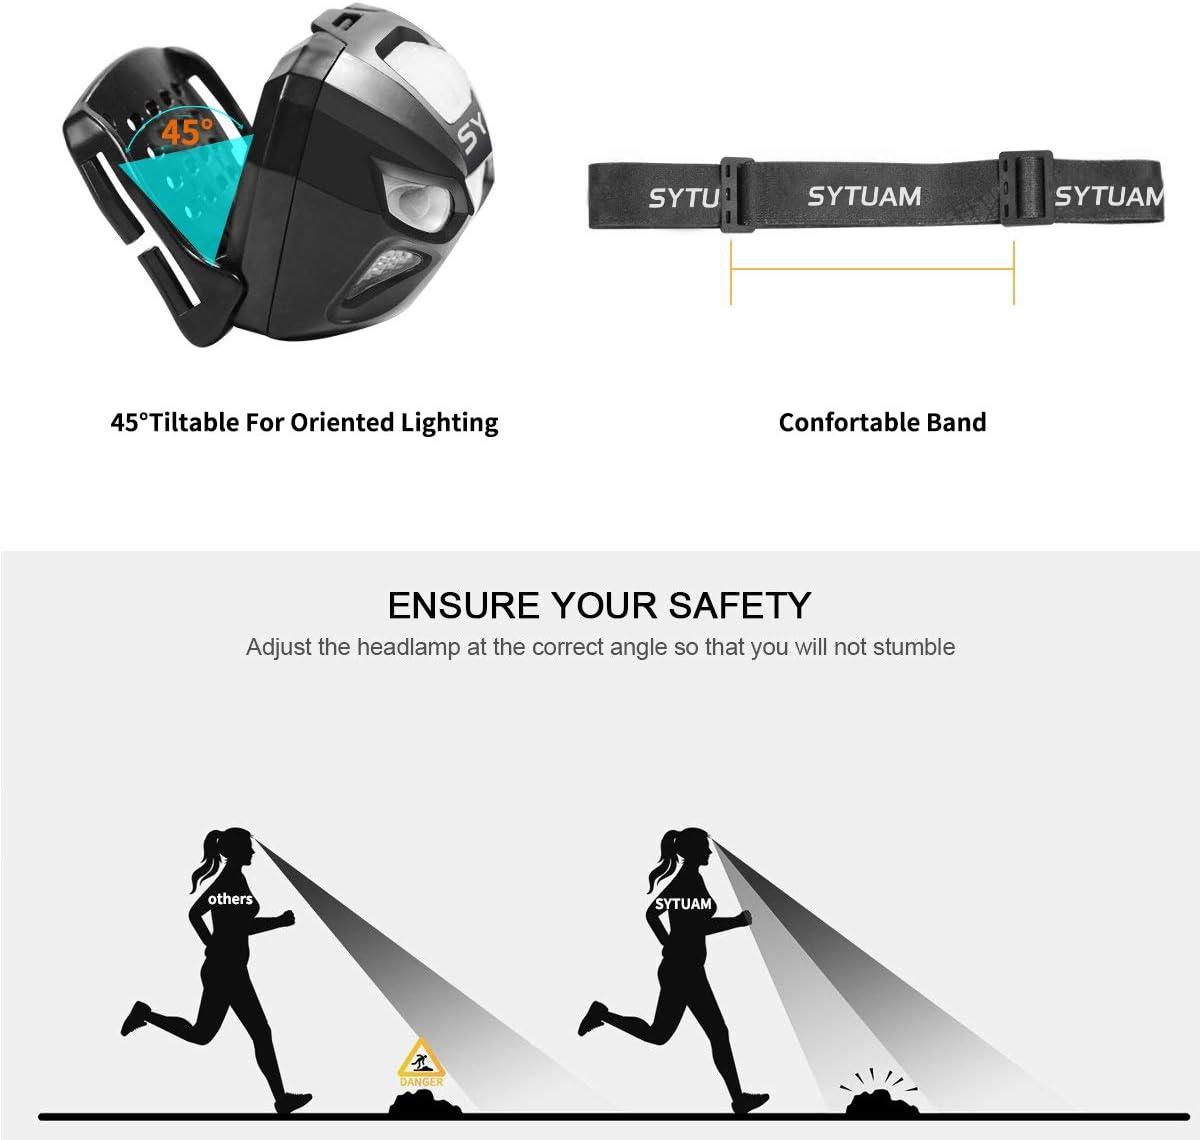 Camping etc SYTUAM Lampe Frontale avec D/étecteur de Movement Rechargeable USB 4 Modes IPX4 /Étanche Running Torche Frontale Puissante 160lm L/ég/ère et Pratique pour Enfants Adultes Lecture